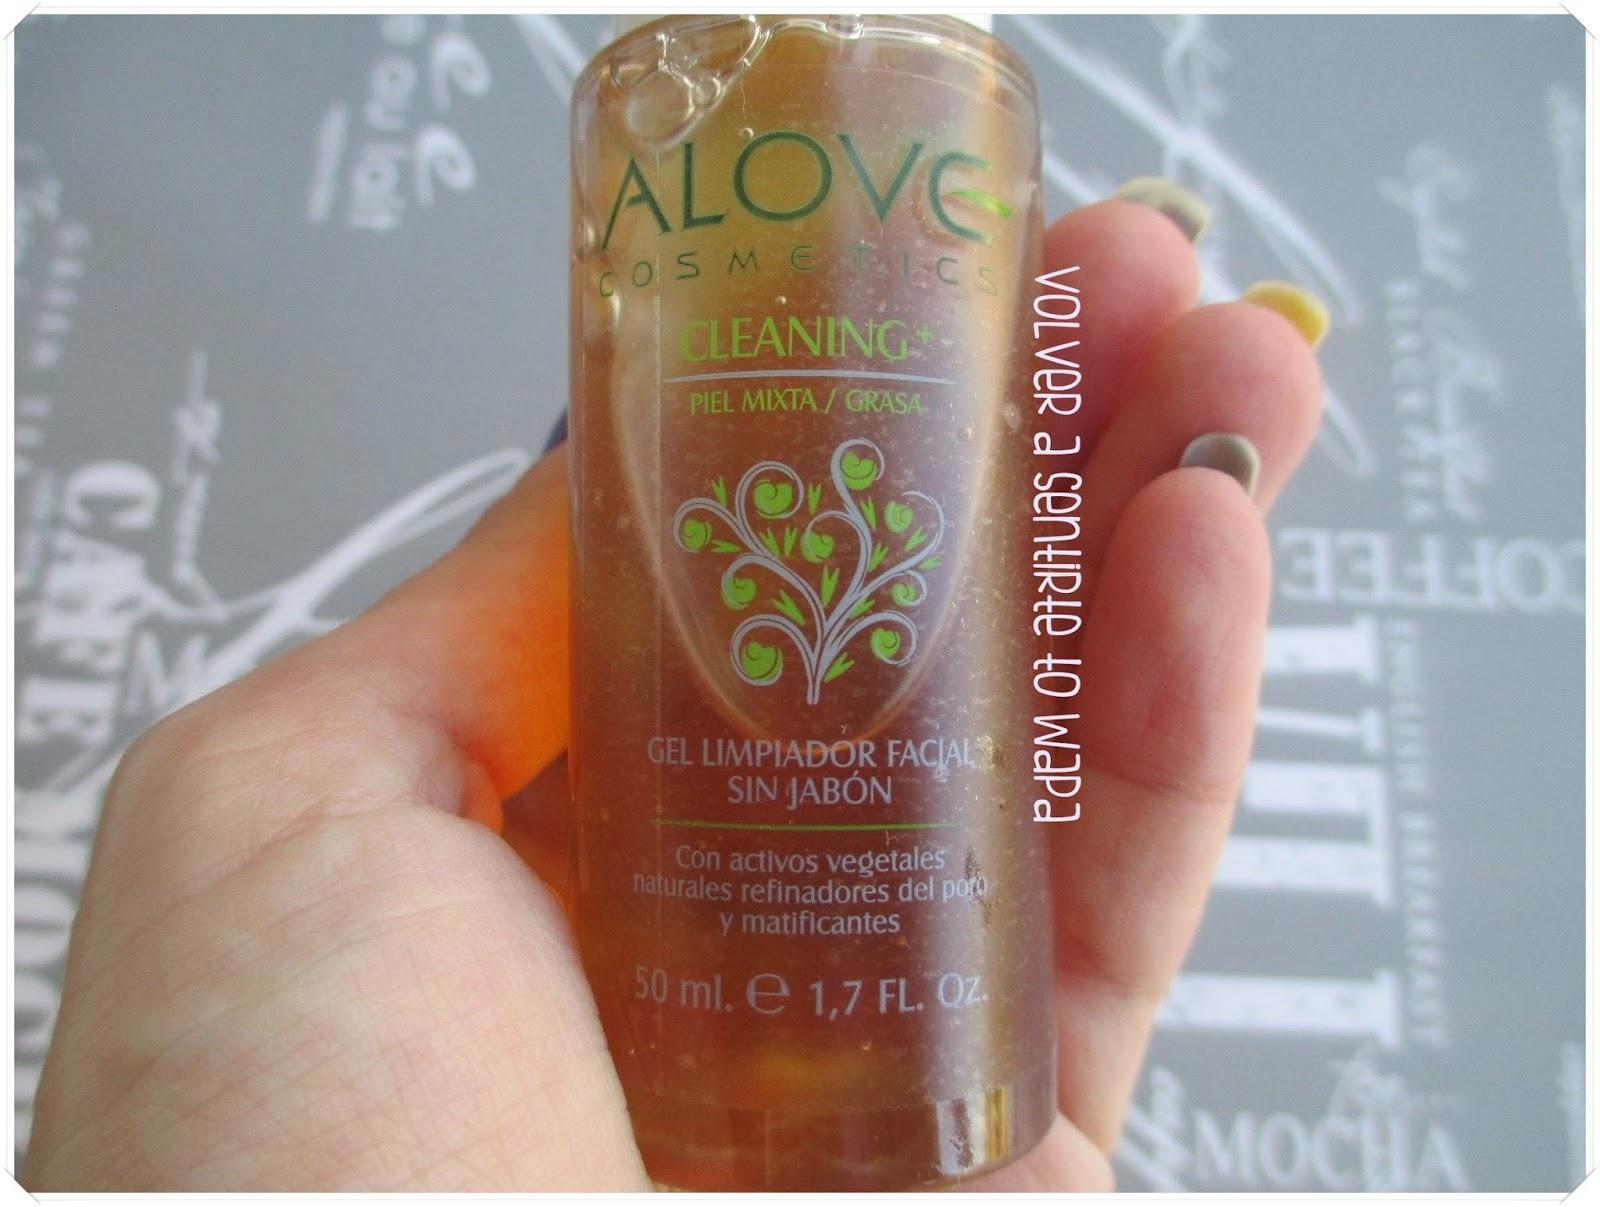 Alove Cosmetics - Gama Cleaning+ - Gel Limpiador para Piel Mixta-Grasa